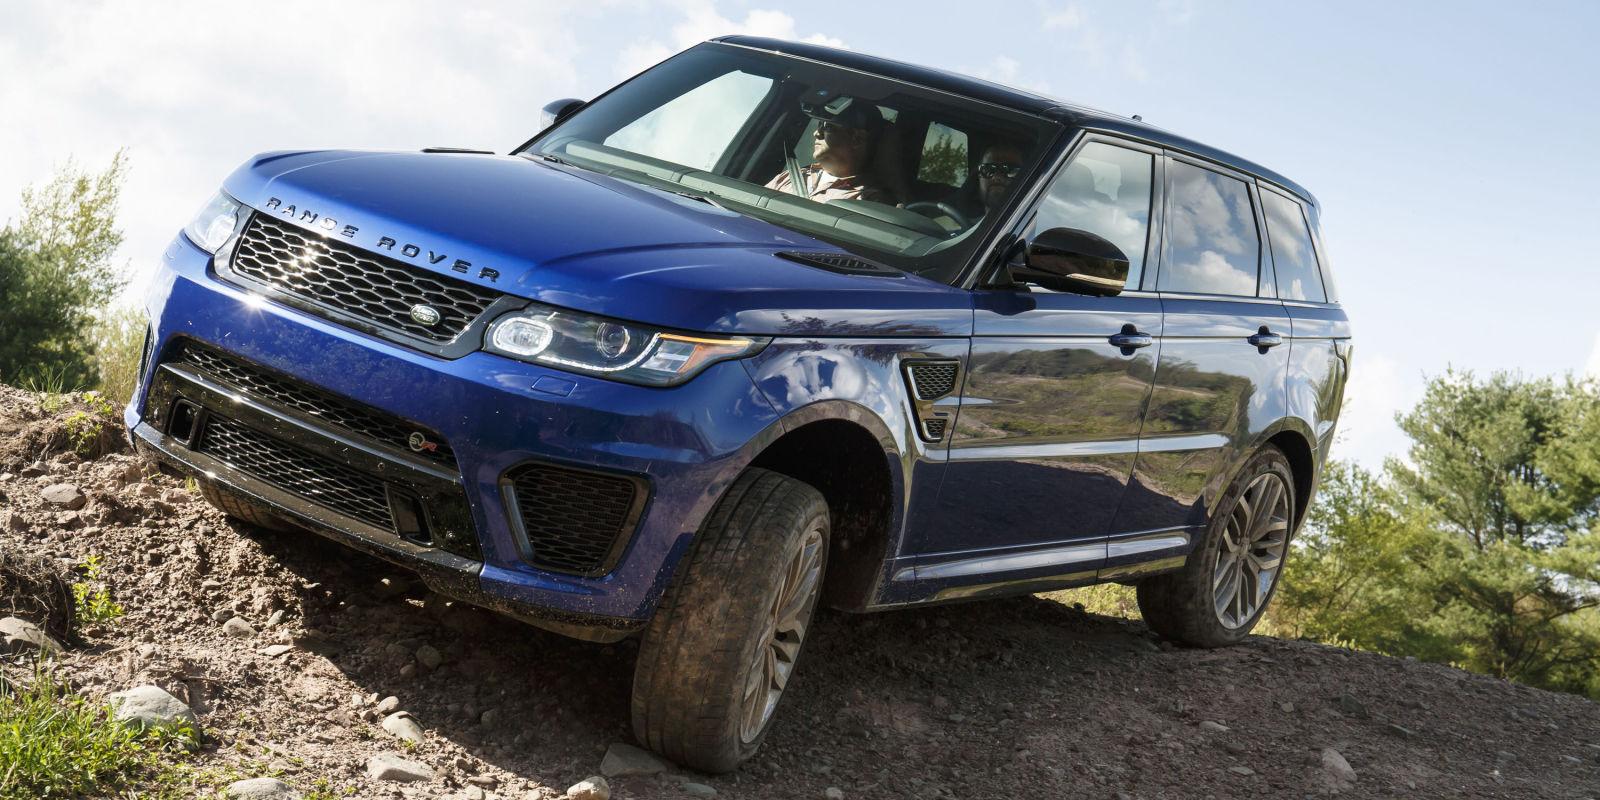 Range rover svr - образец второго поколения рендж роверов, сошедший с конвейера в 2015 году